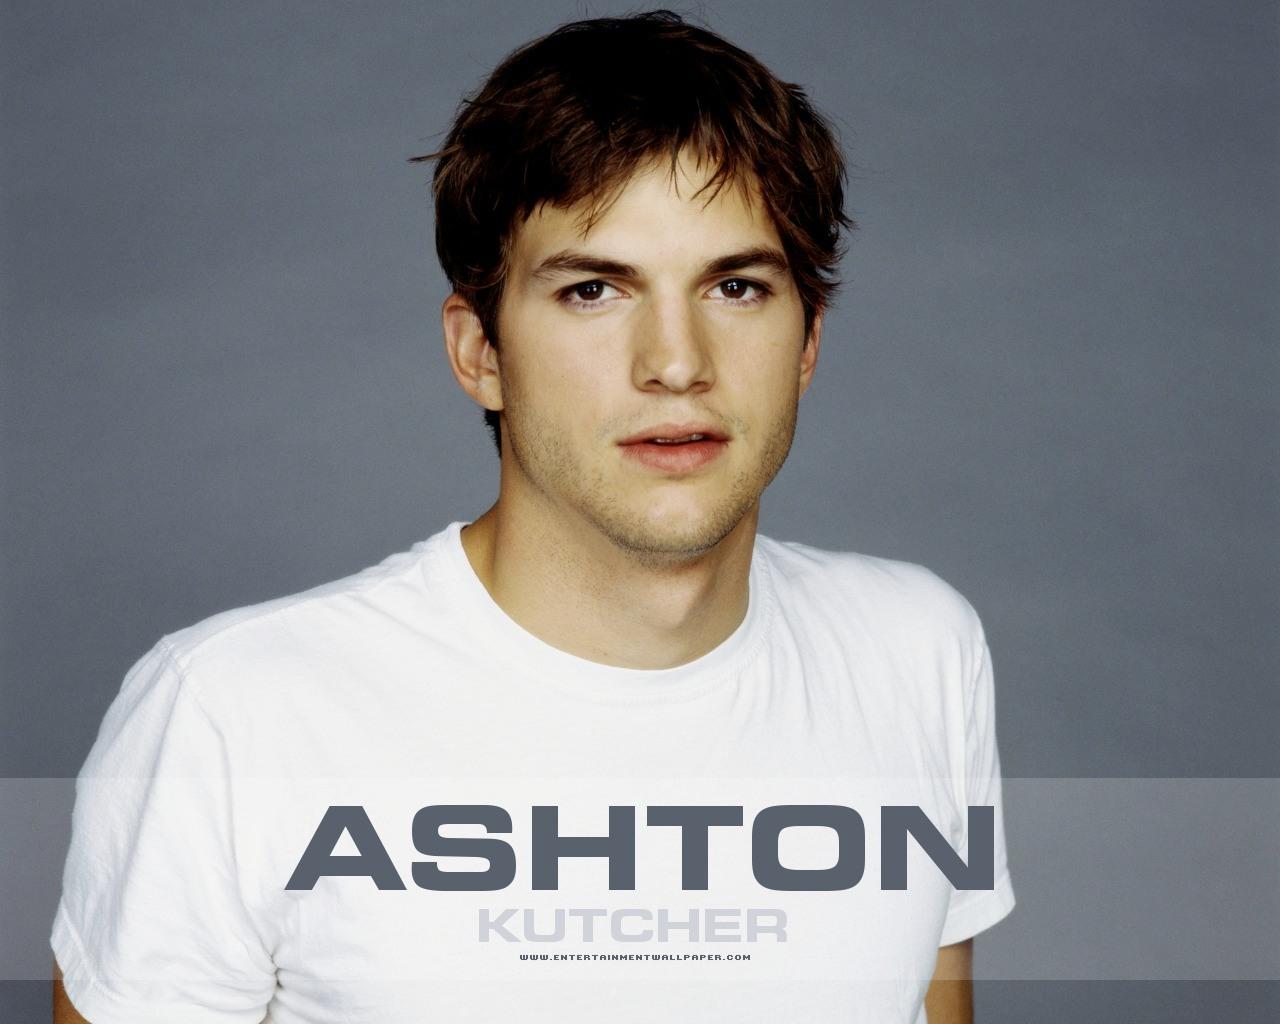 http://1.bp.blogspot.com/-p3UAhDk7mik/T0720hZZWQI/AAAAAAABHLM/FSt1m2j-sVM/s1600/foto-foto-ashton-kutcher-28.jpg